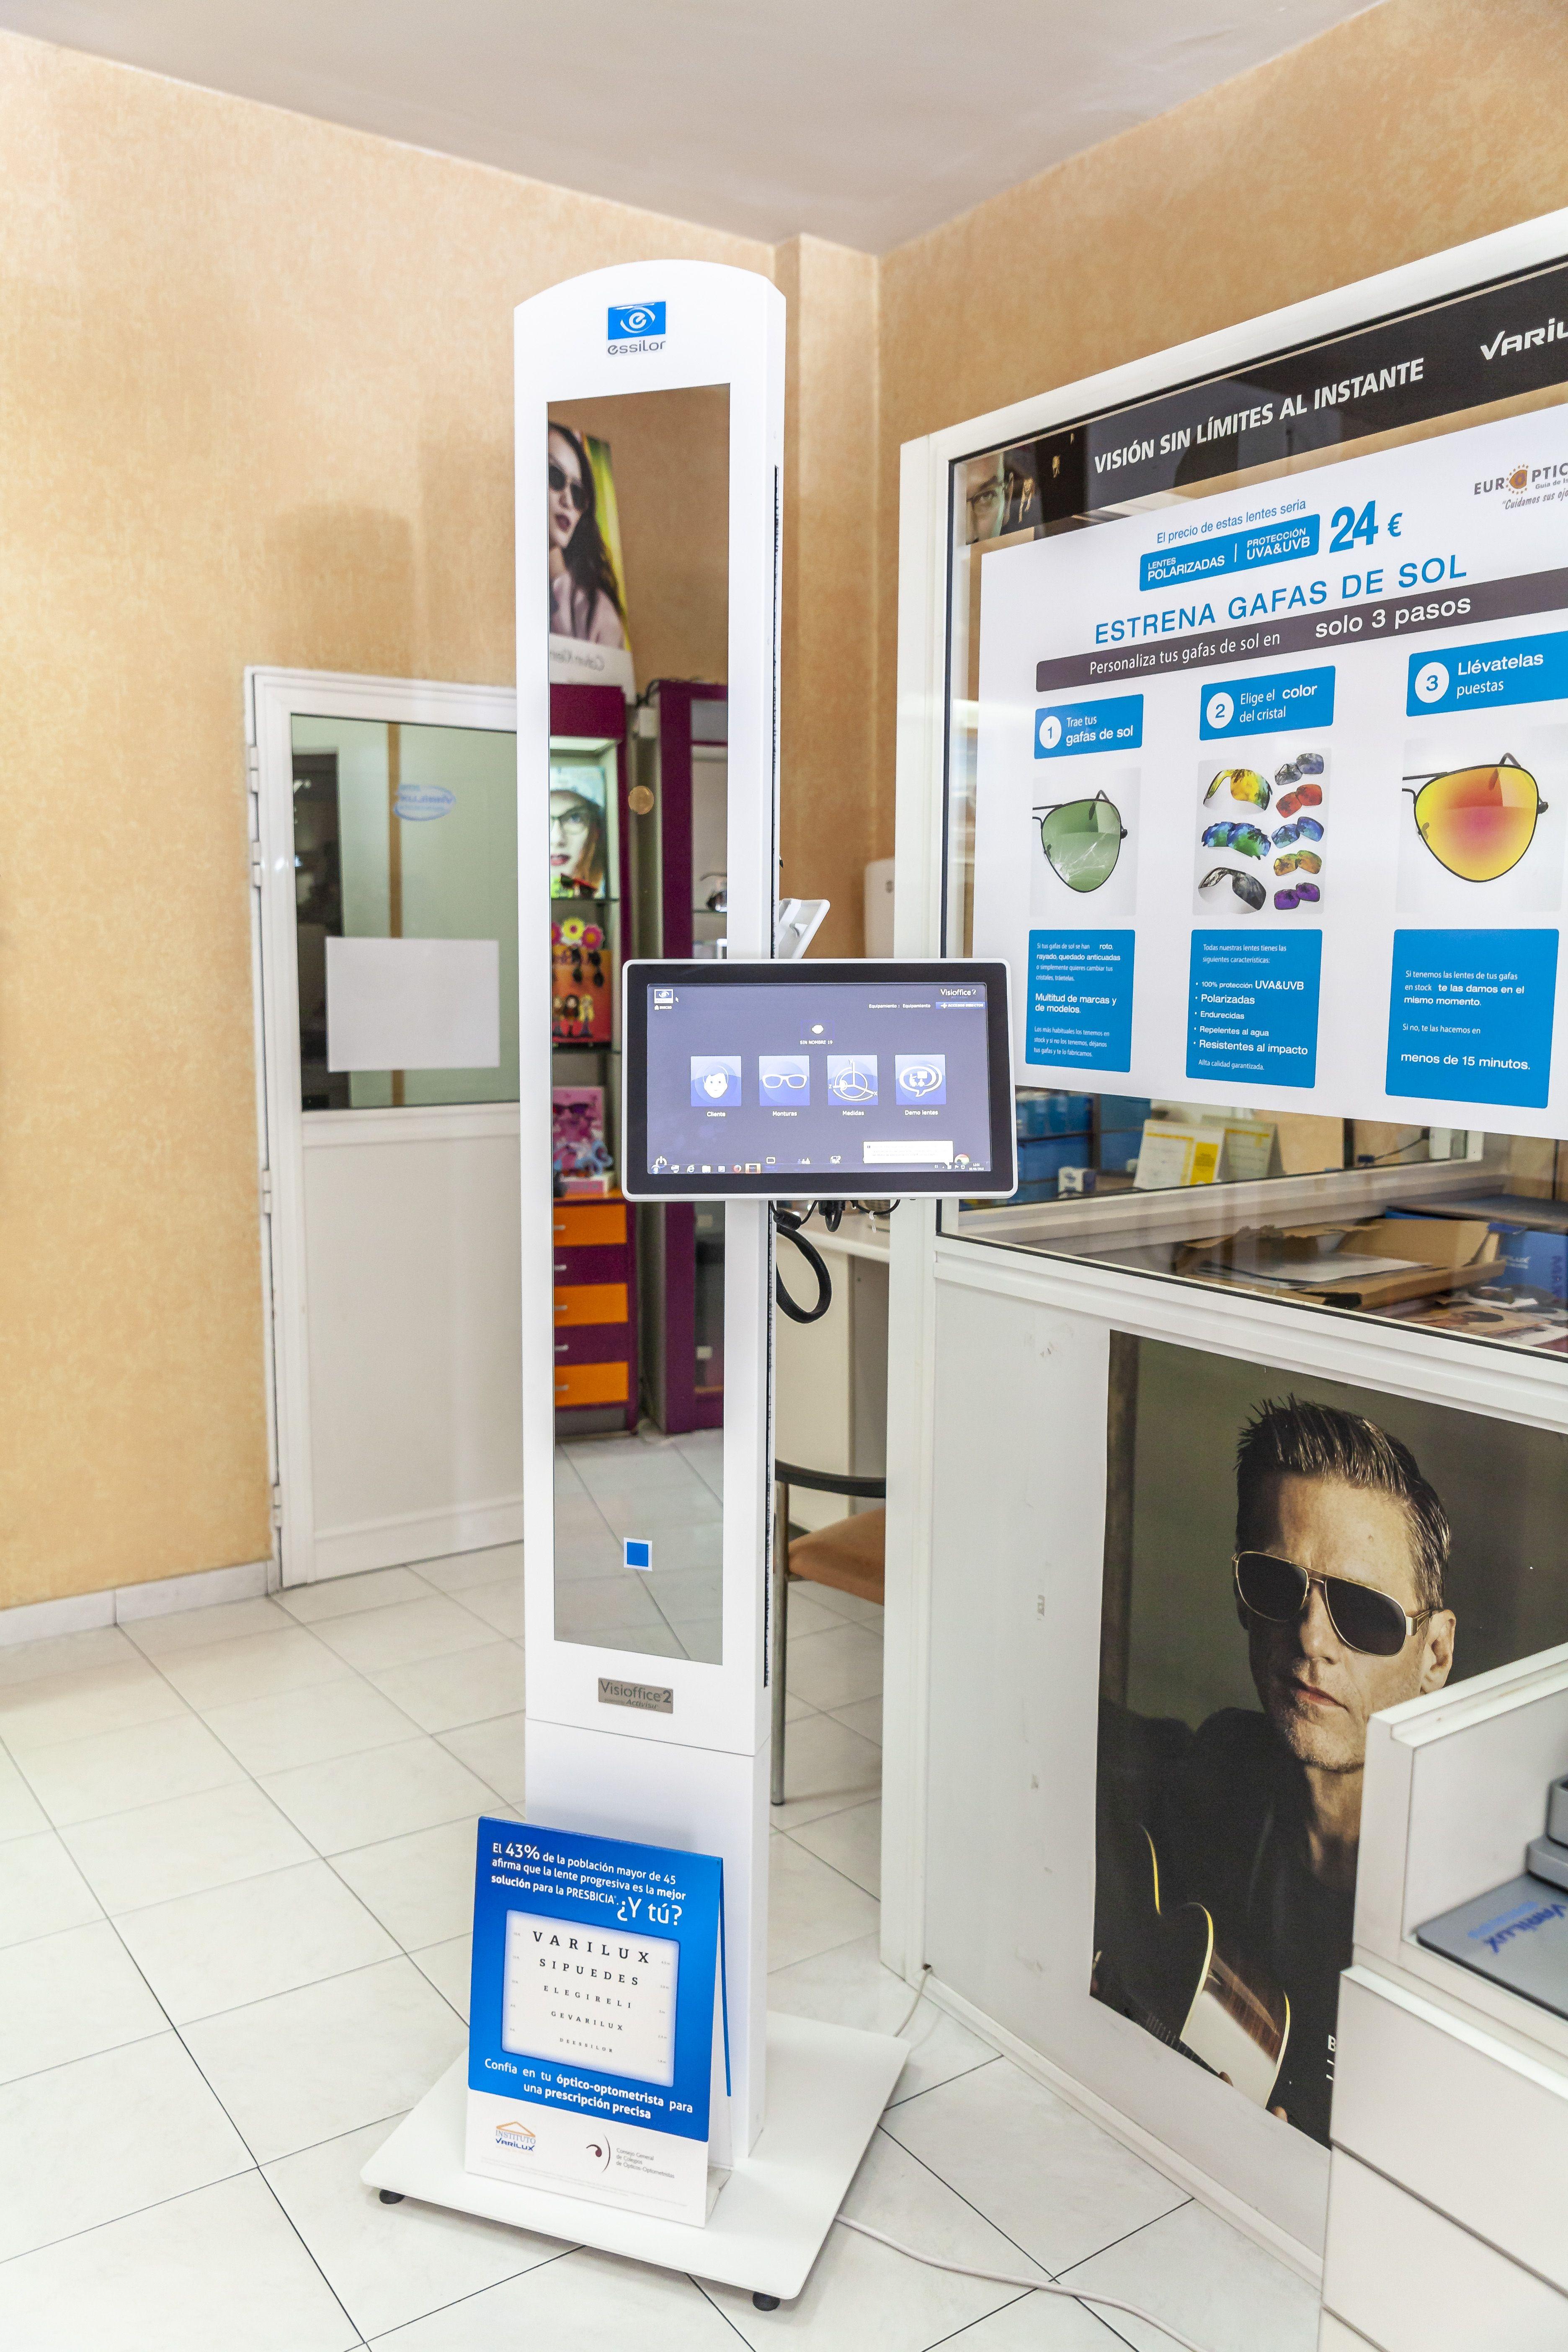 Garantías de devolución en Guía de Isora Tenerife